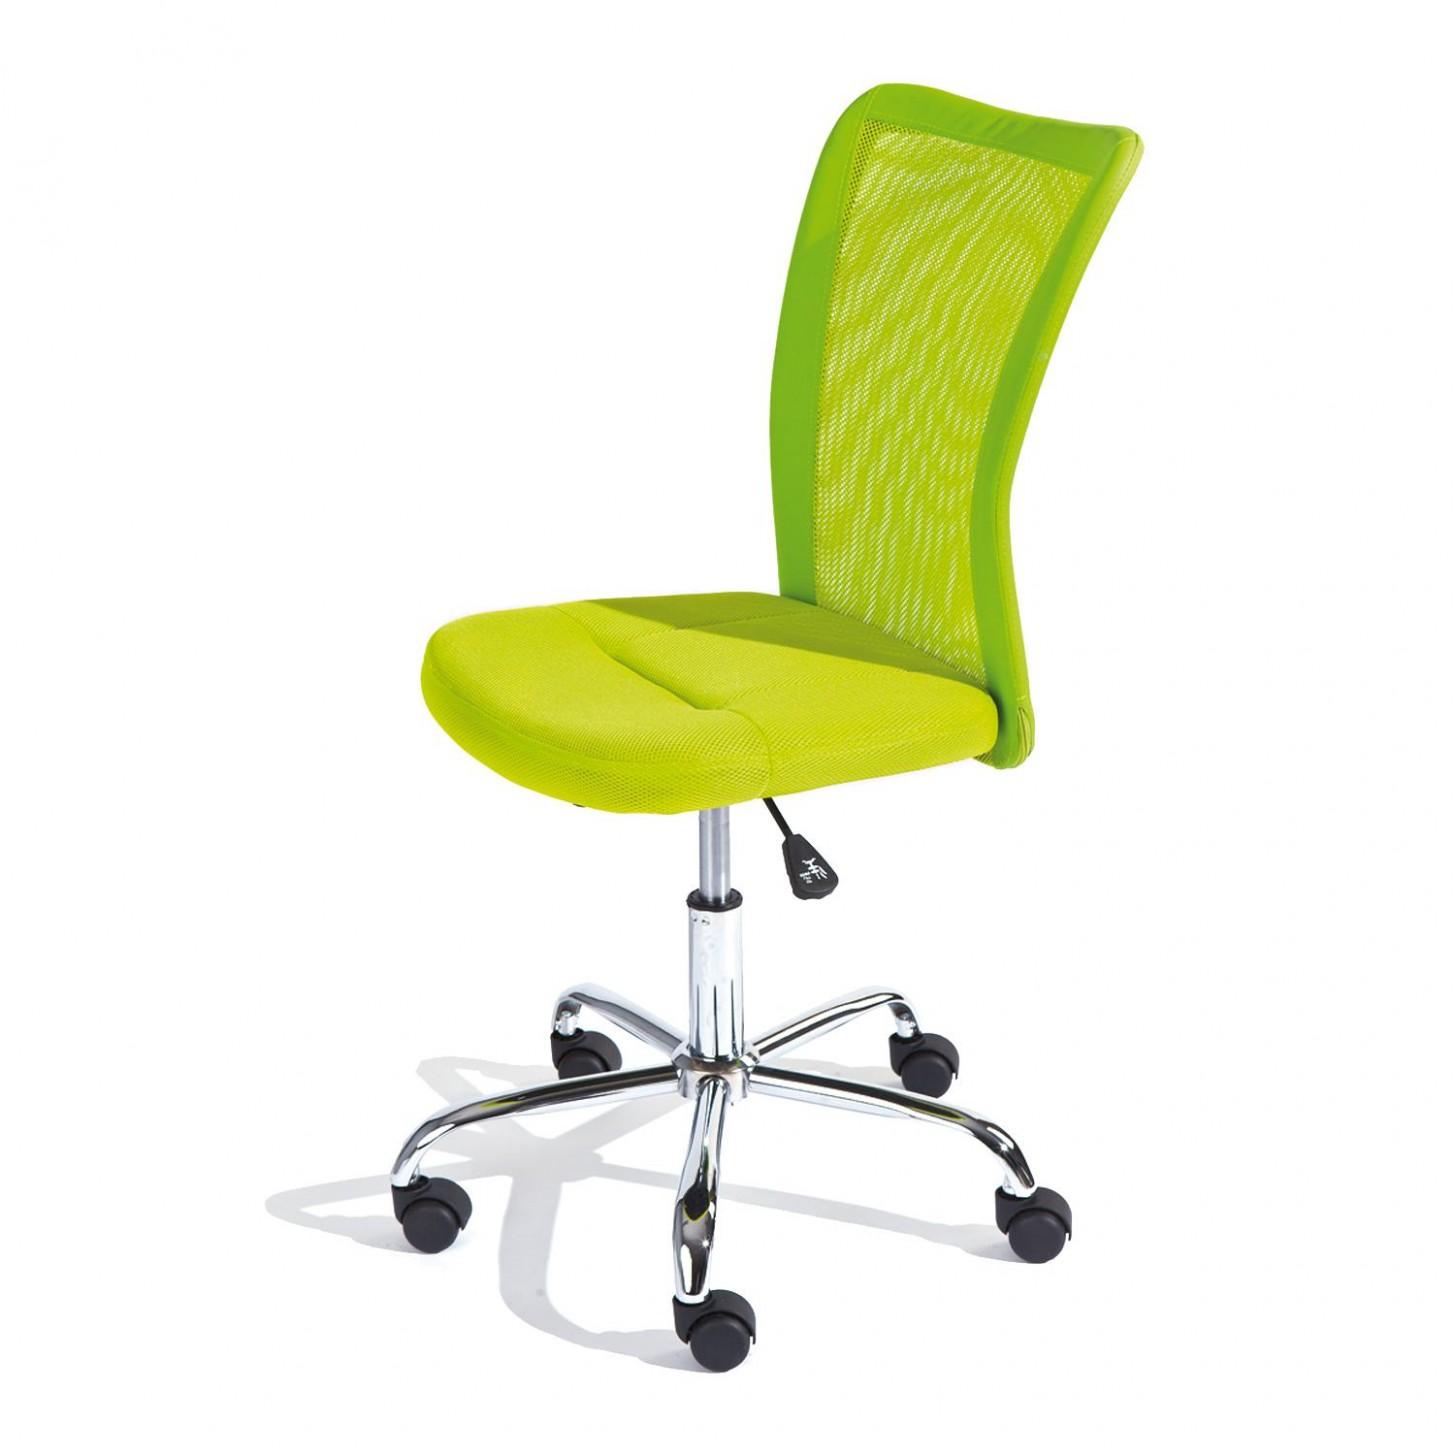 Kancelářská židle BONNIE zelená - Kancelářské židle - IDEA nábytek